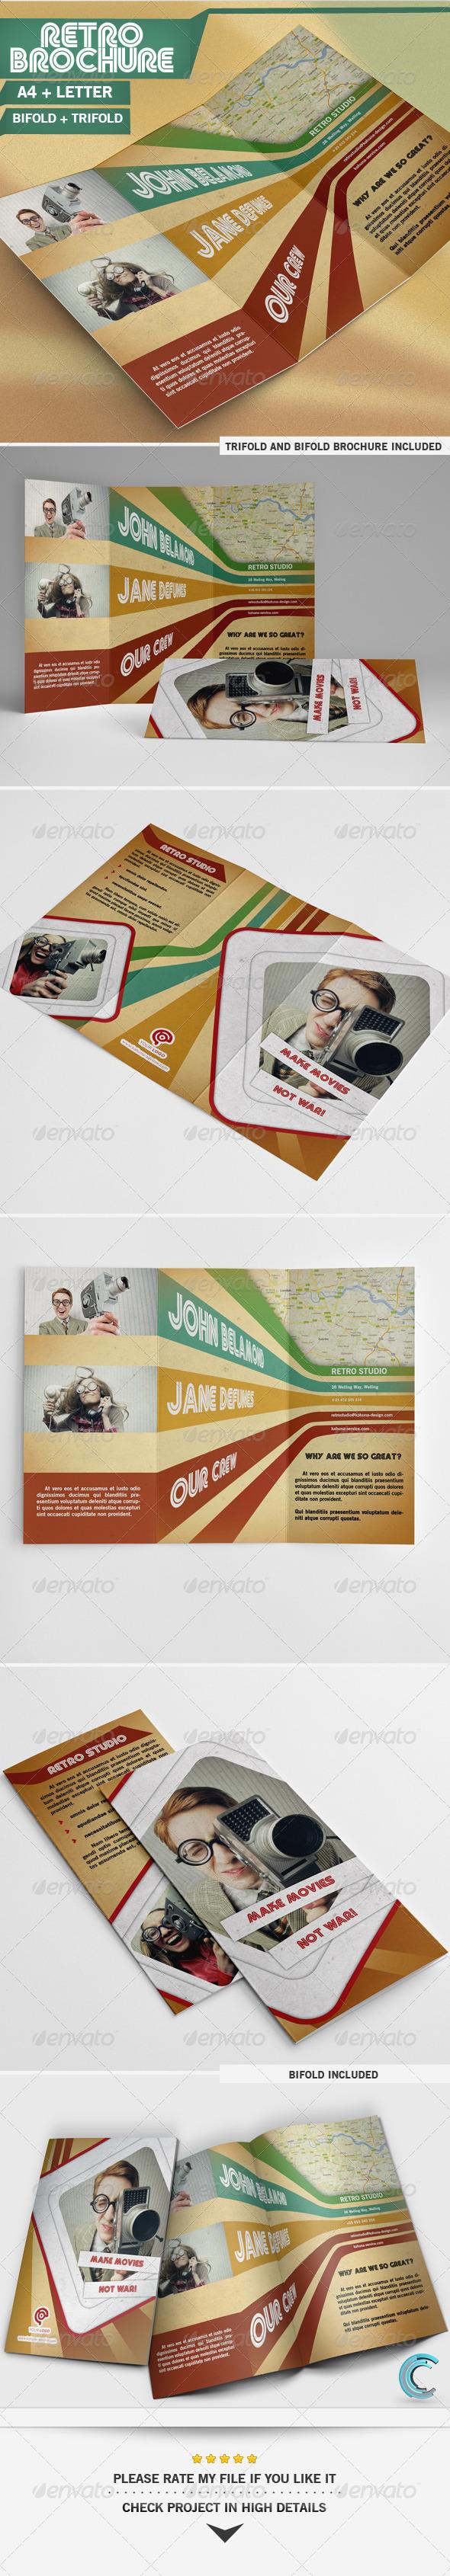 GraphicRiver Retro Brochure 5513405